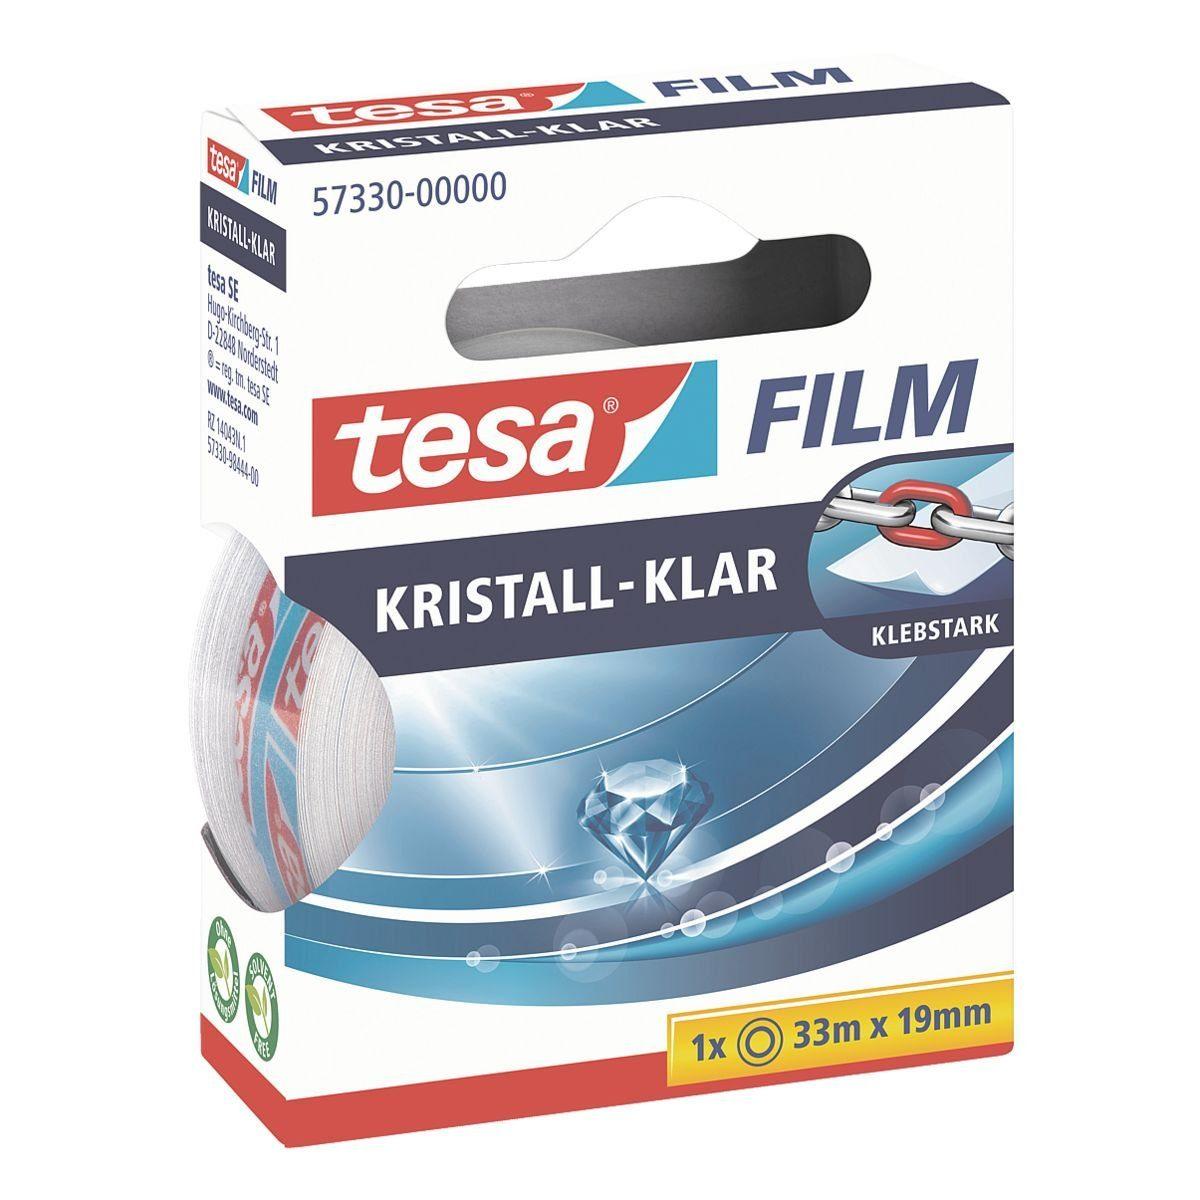 Tesa Klebeband transparent, 19 mm/33 m (B/L) »kristall-klar«